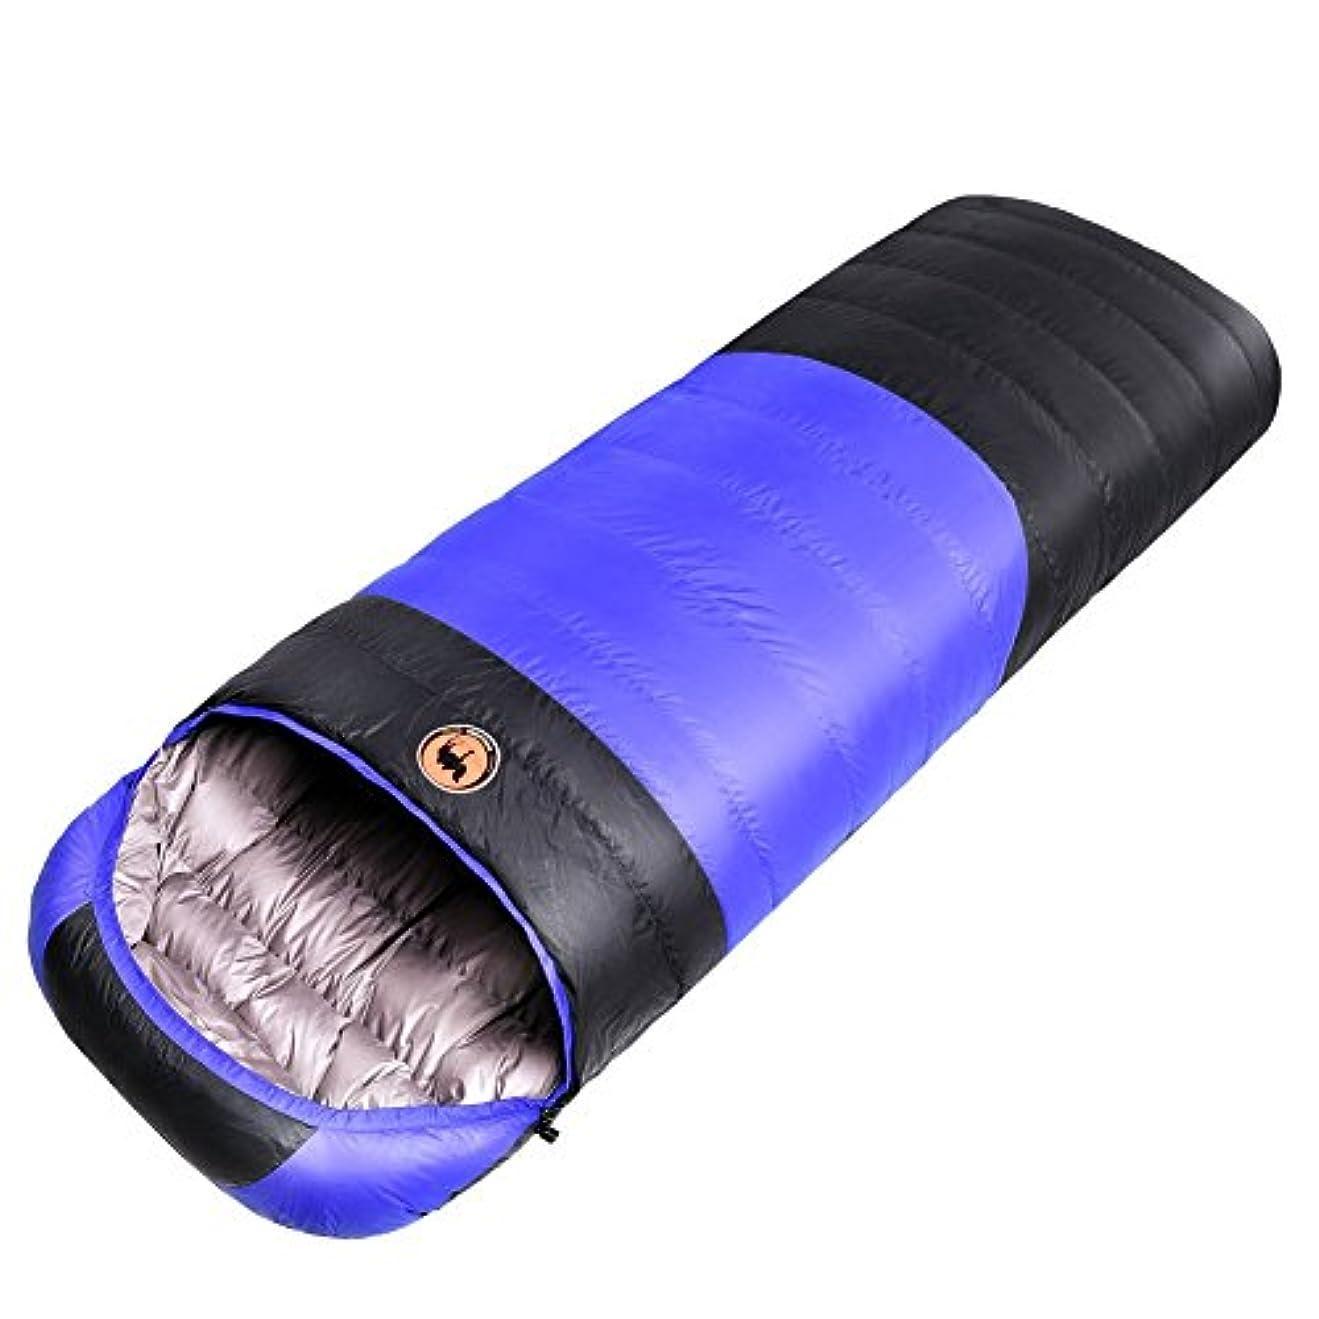 統計的拮抗計り知れないSAMCAMEL封筒型 ダウンシュラフ 寝袋 ポータブル 耐寒温度 -30℃ プロなシングルシュラフ